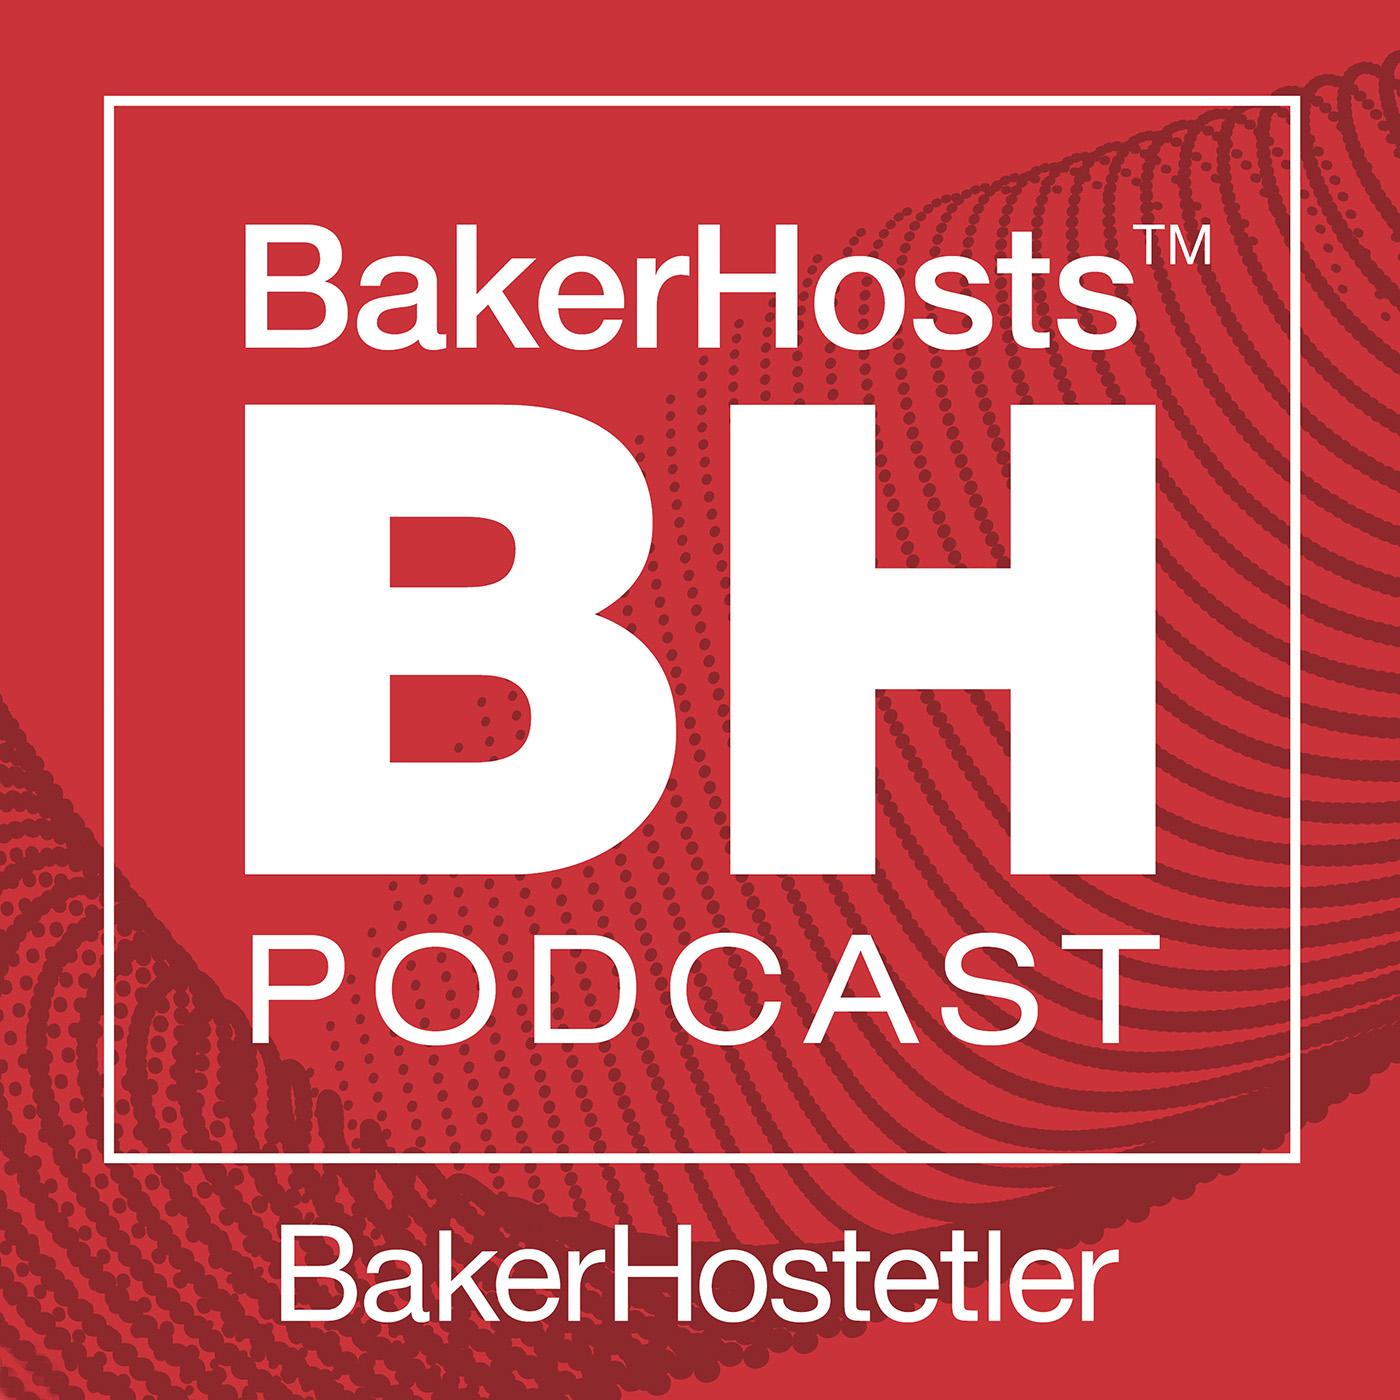 Artwork for podcast BakerHosts